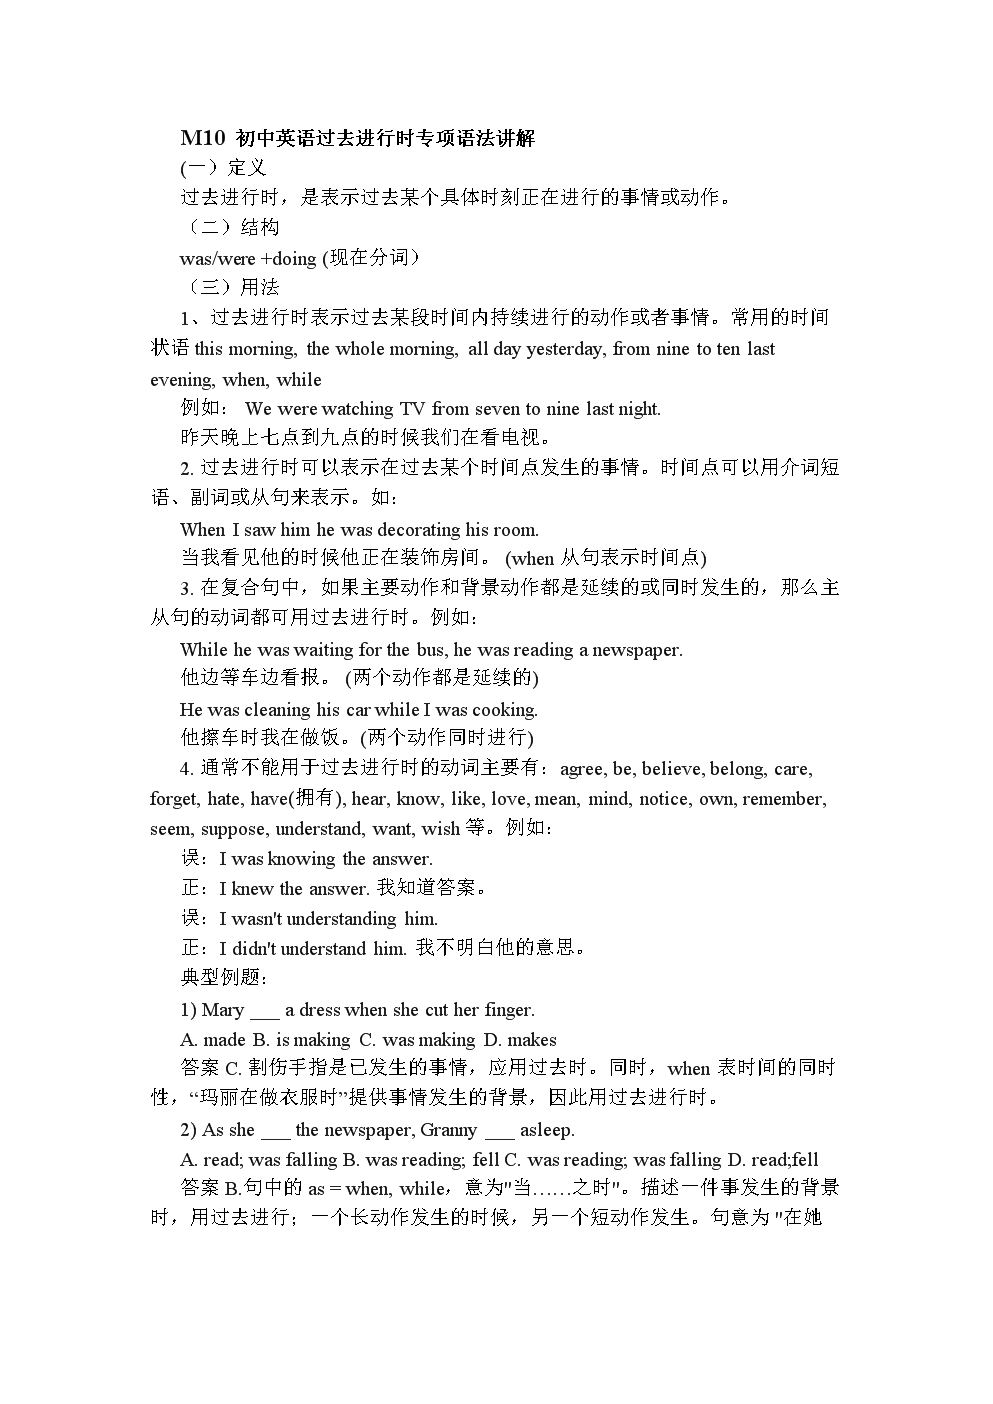 (二)结构was/were+doing(现在分词)(三)用法1过去进行时表示